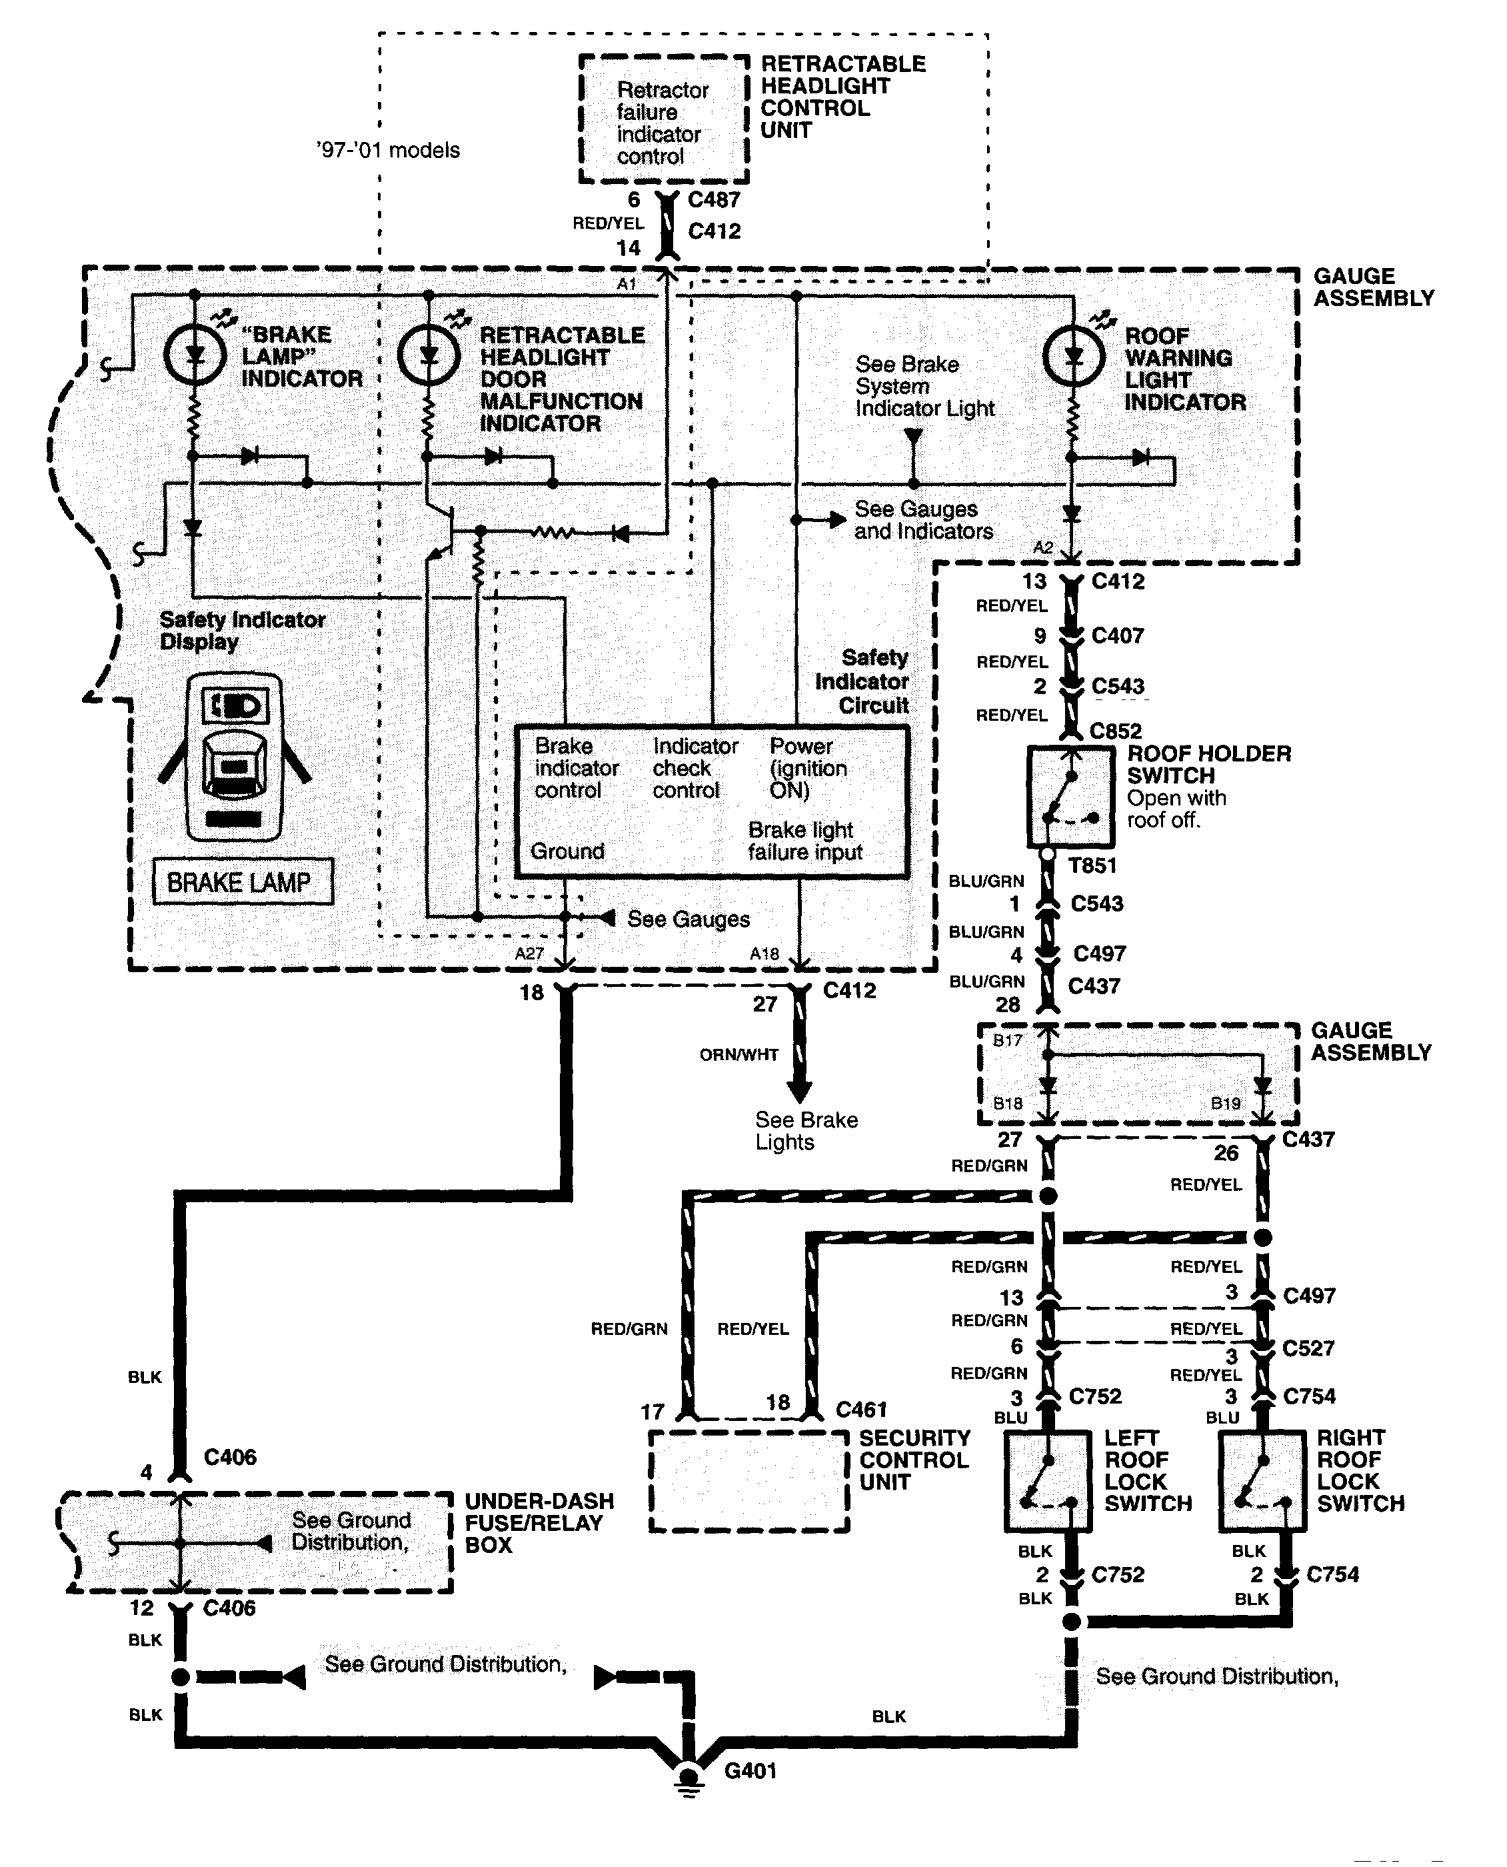 2006 volkswagen phaeton wiring diagram wiring diagram rh rx11 rundumhund aktiv de